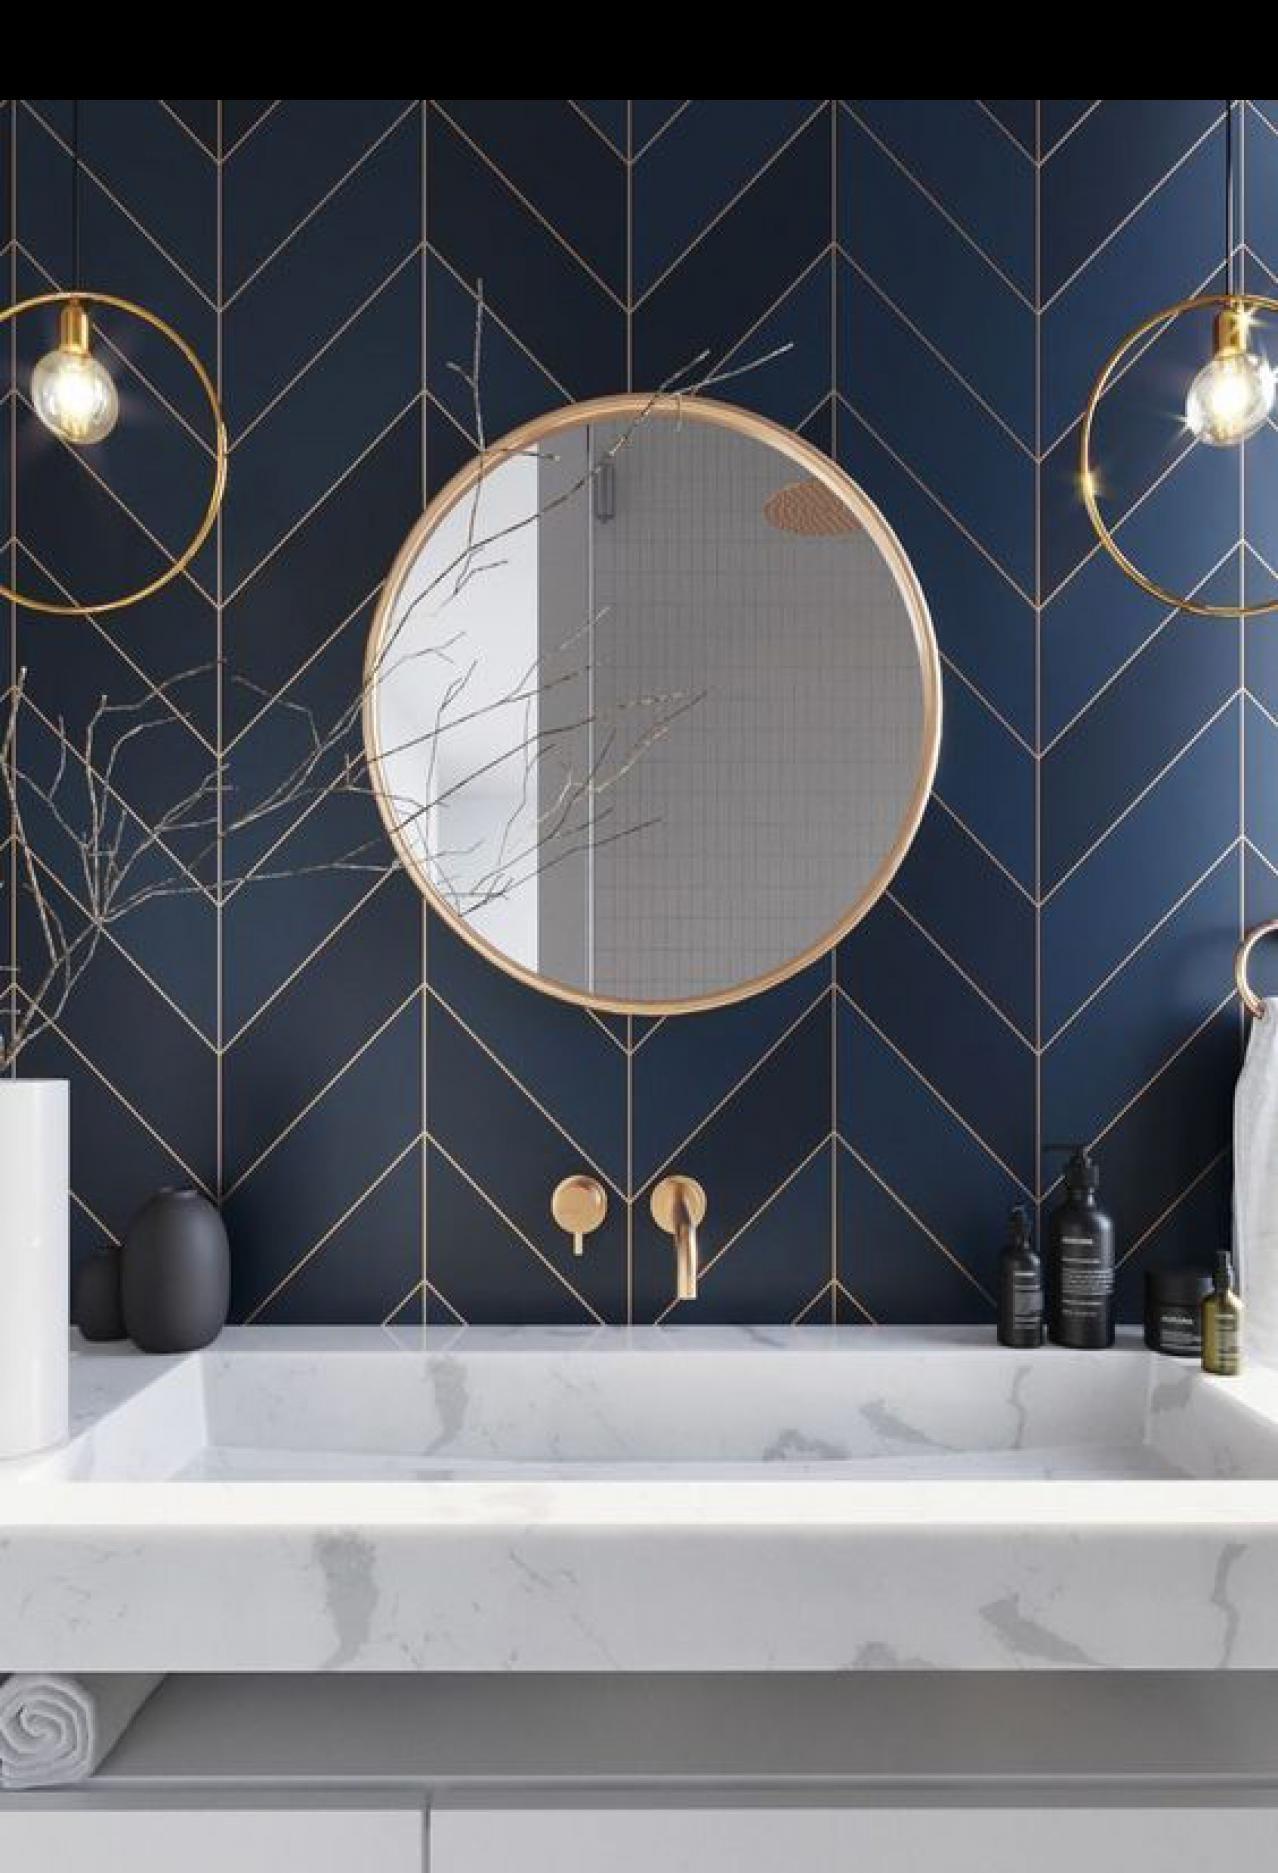 49 Inspiring French Country Garden Decor Ideas Bathroom Interior Bathroom Inspiration Bathroom Interior Design